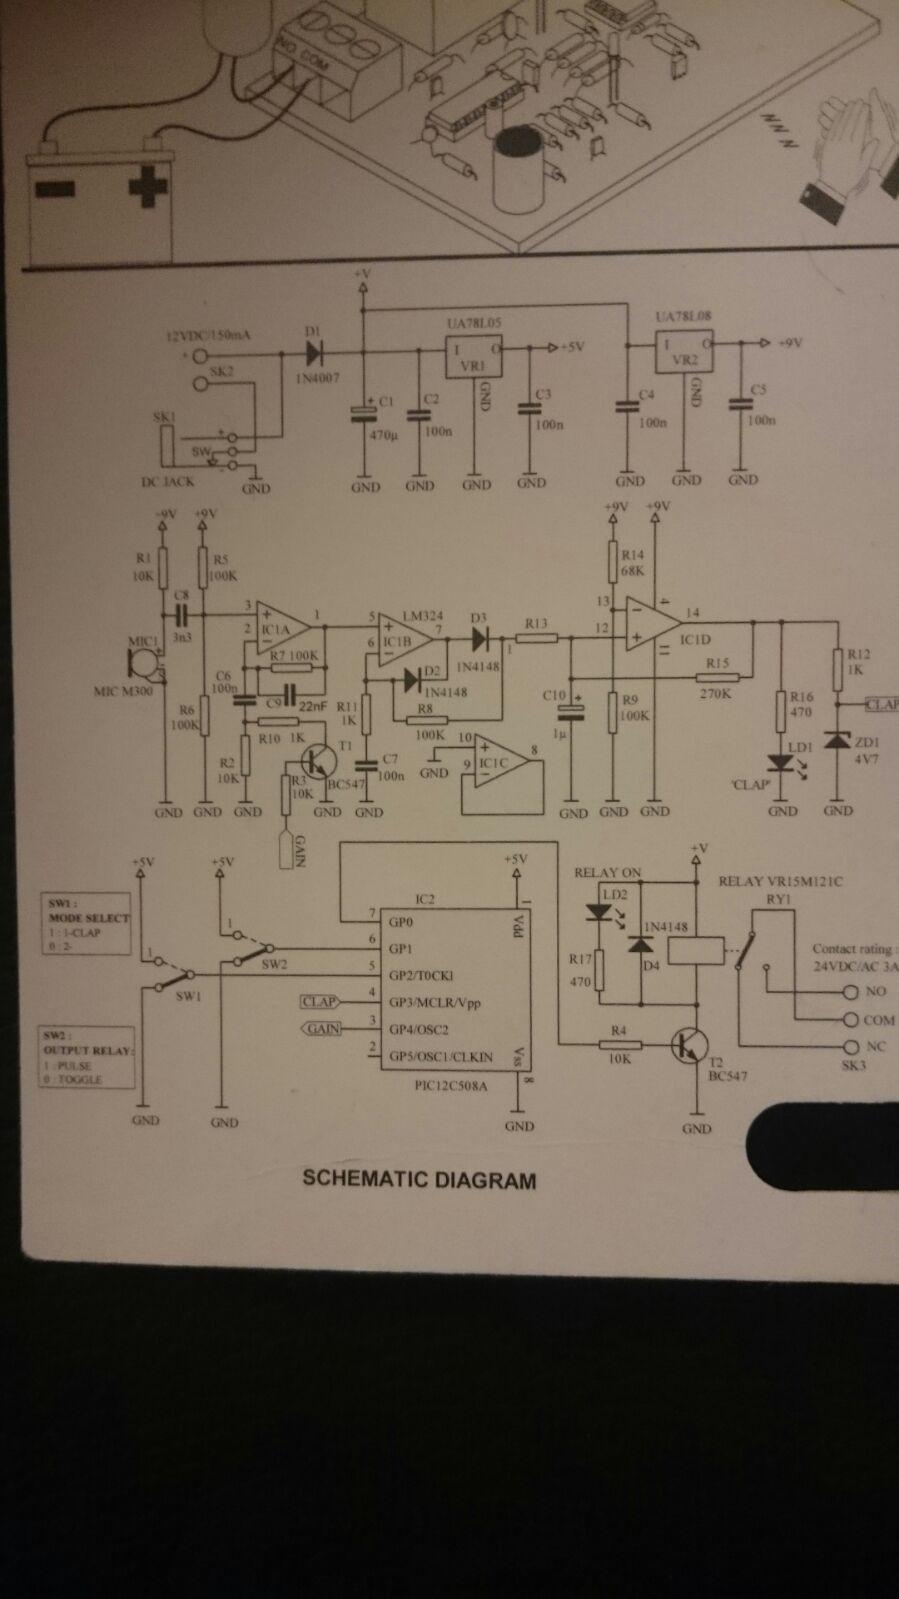 Erfreut Honda Kabelbaum Diagramm Galerie - Der Schaltplan - triangre ...